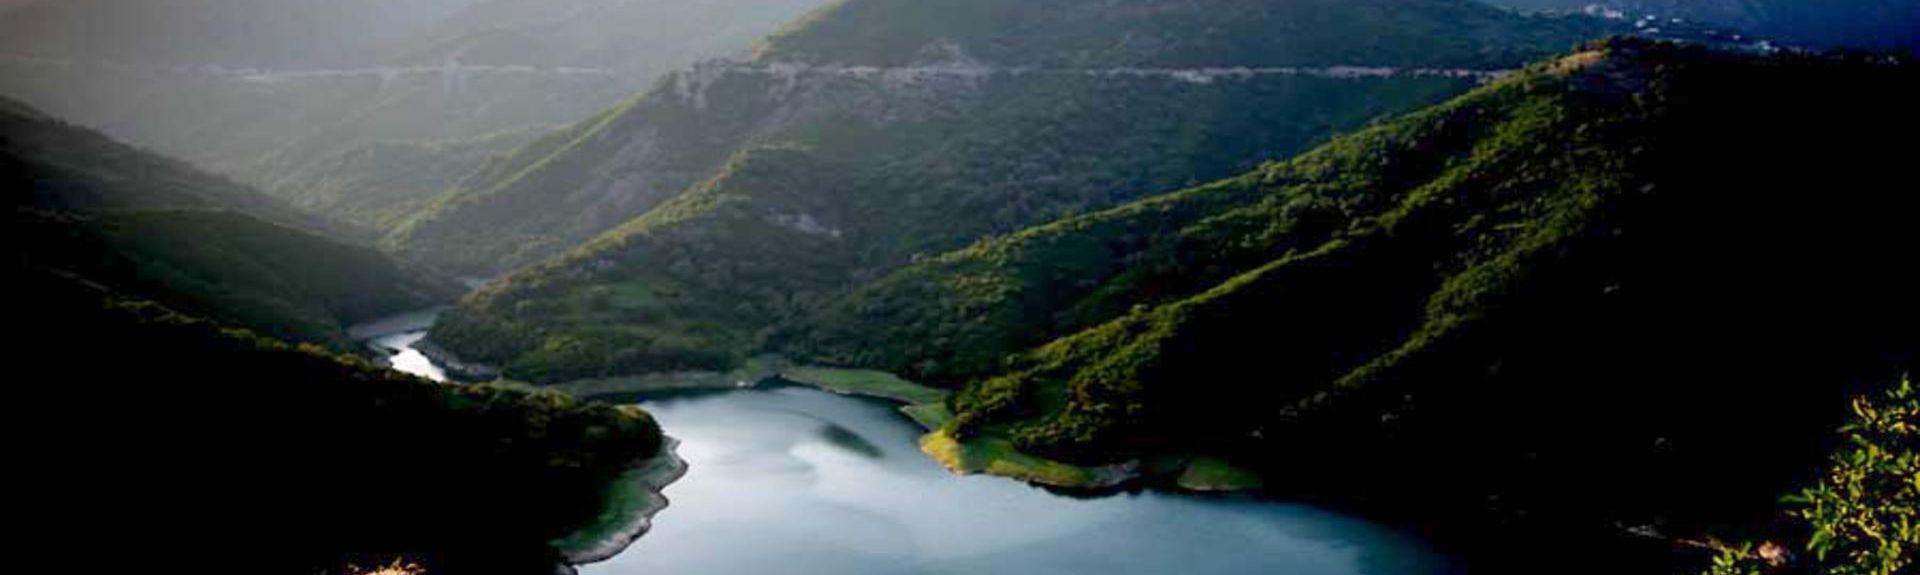 Taglio-Isolaccio, Haute-Corse, Frankrike